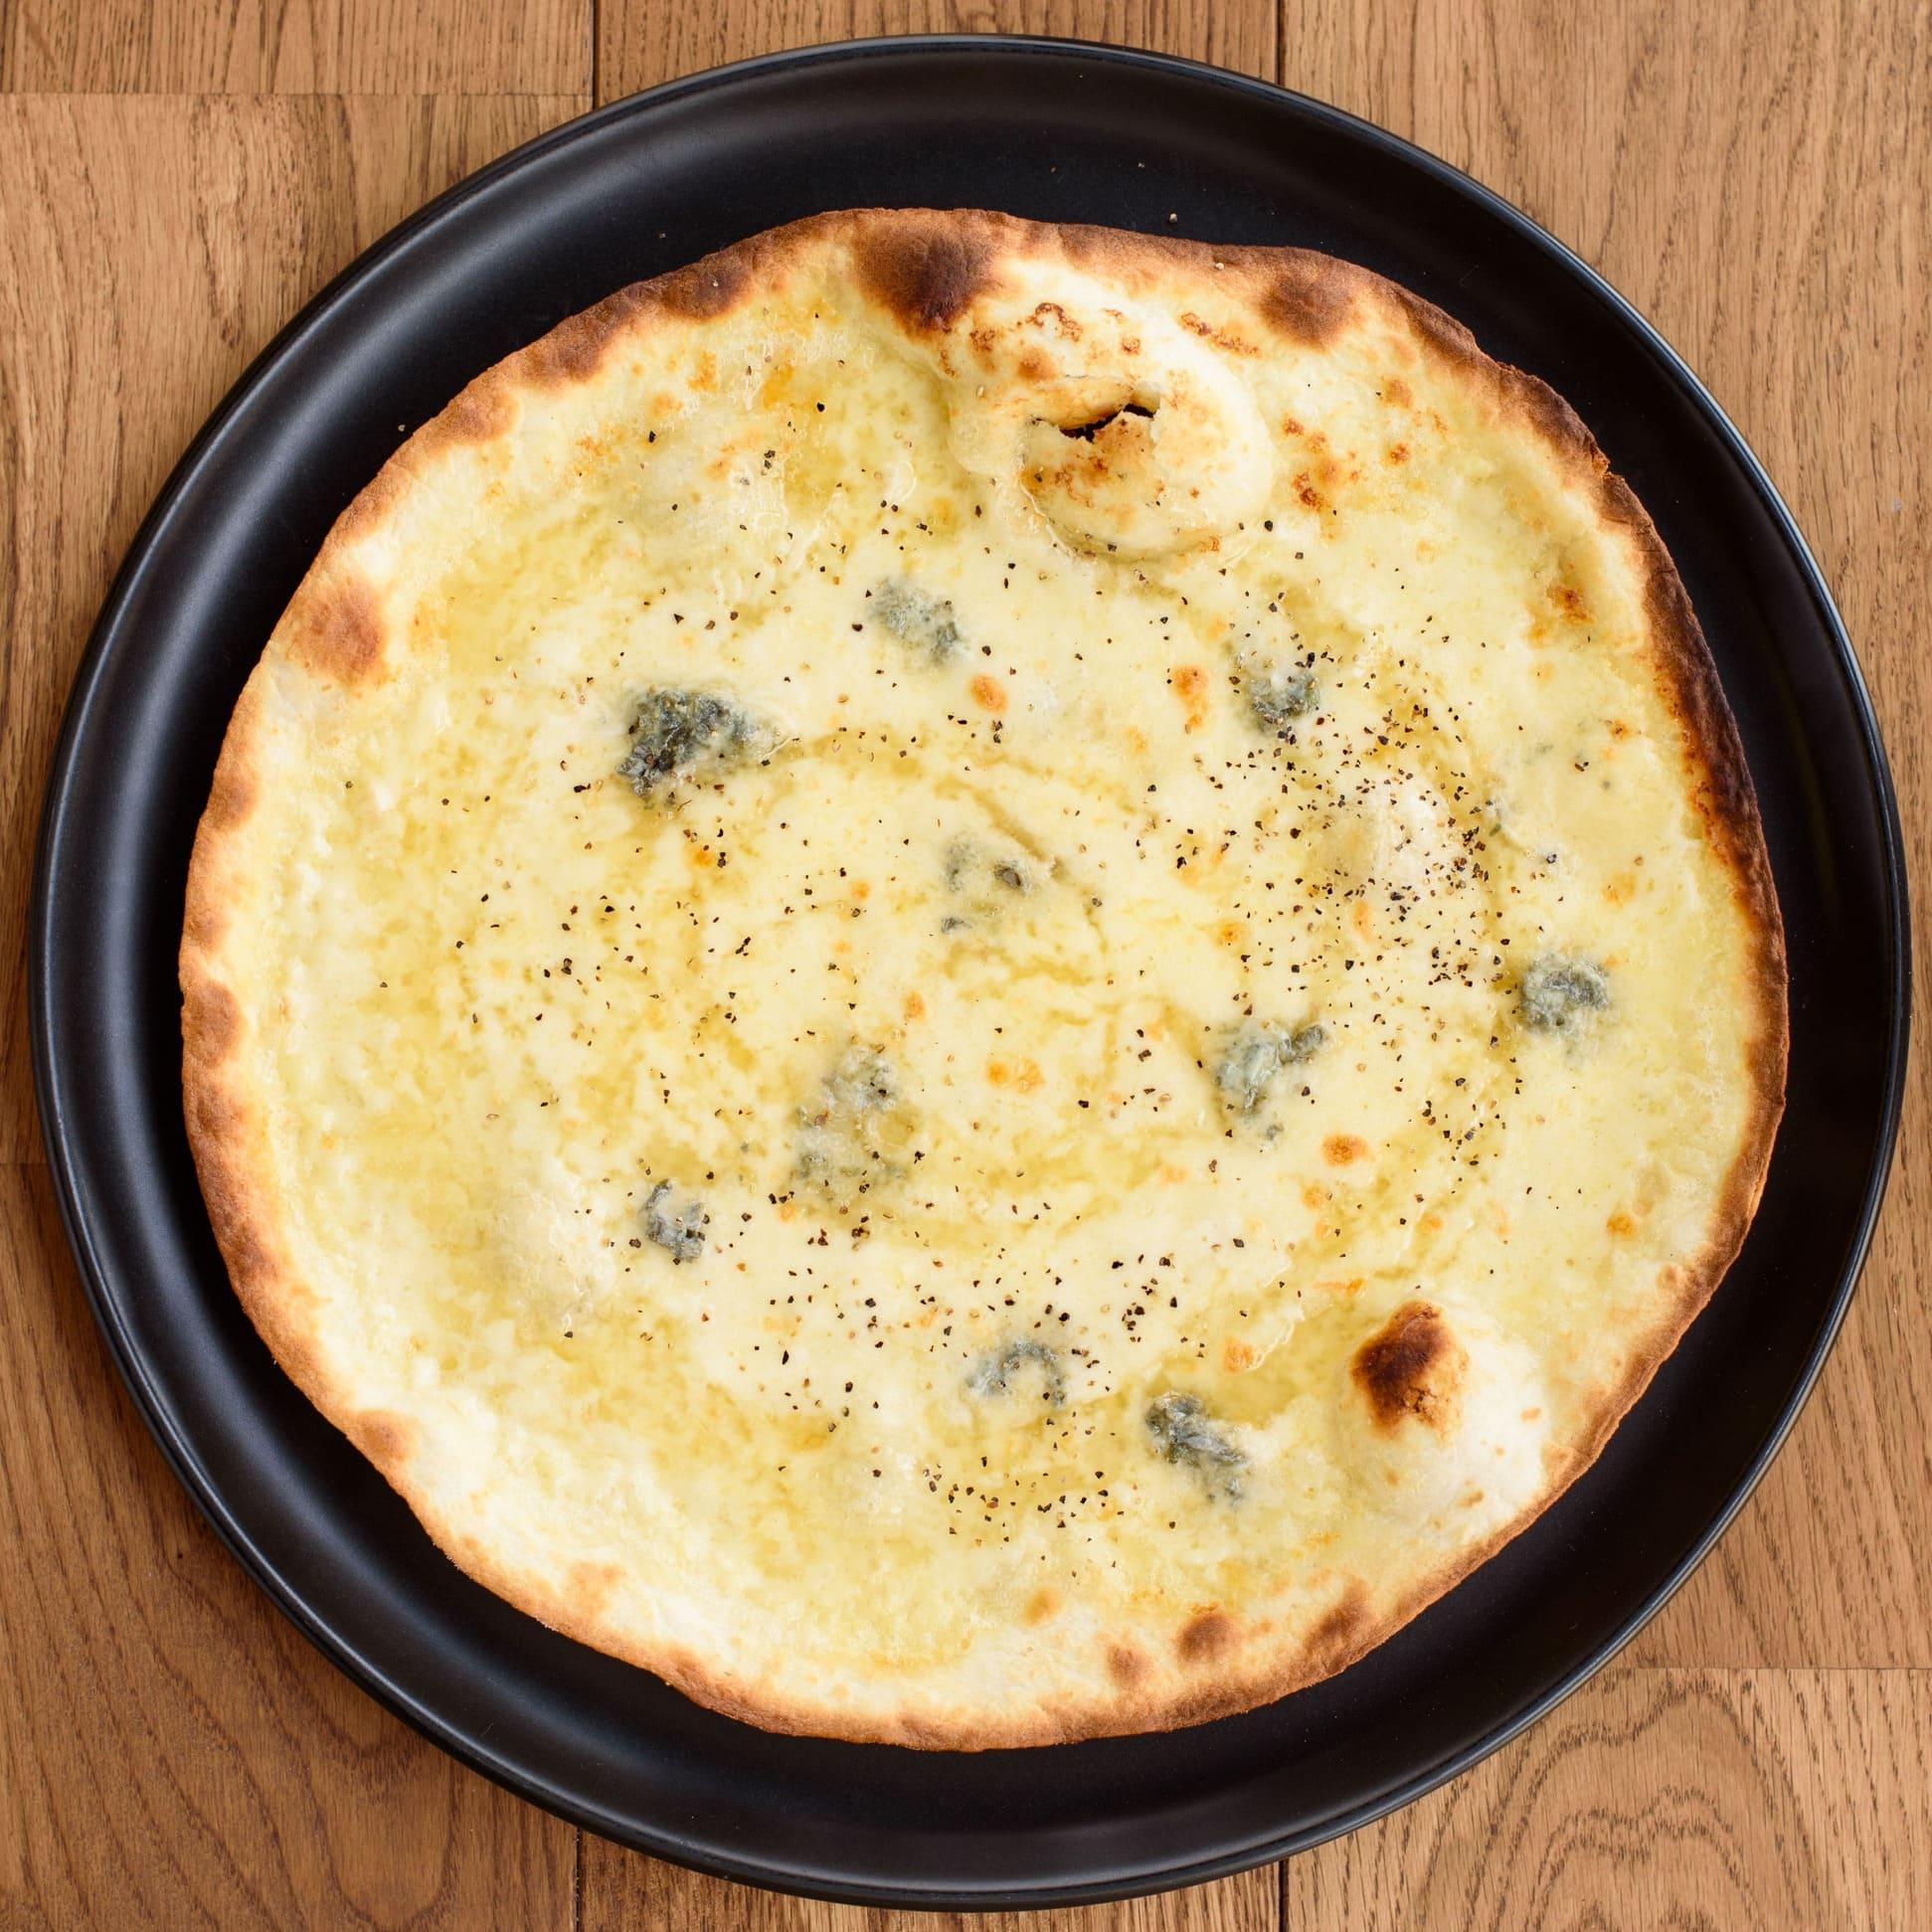 クリームソース/モッツァレラチーズ/ゴルゴン ゾーラチーズ/ハチミツ/黒胡椒